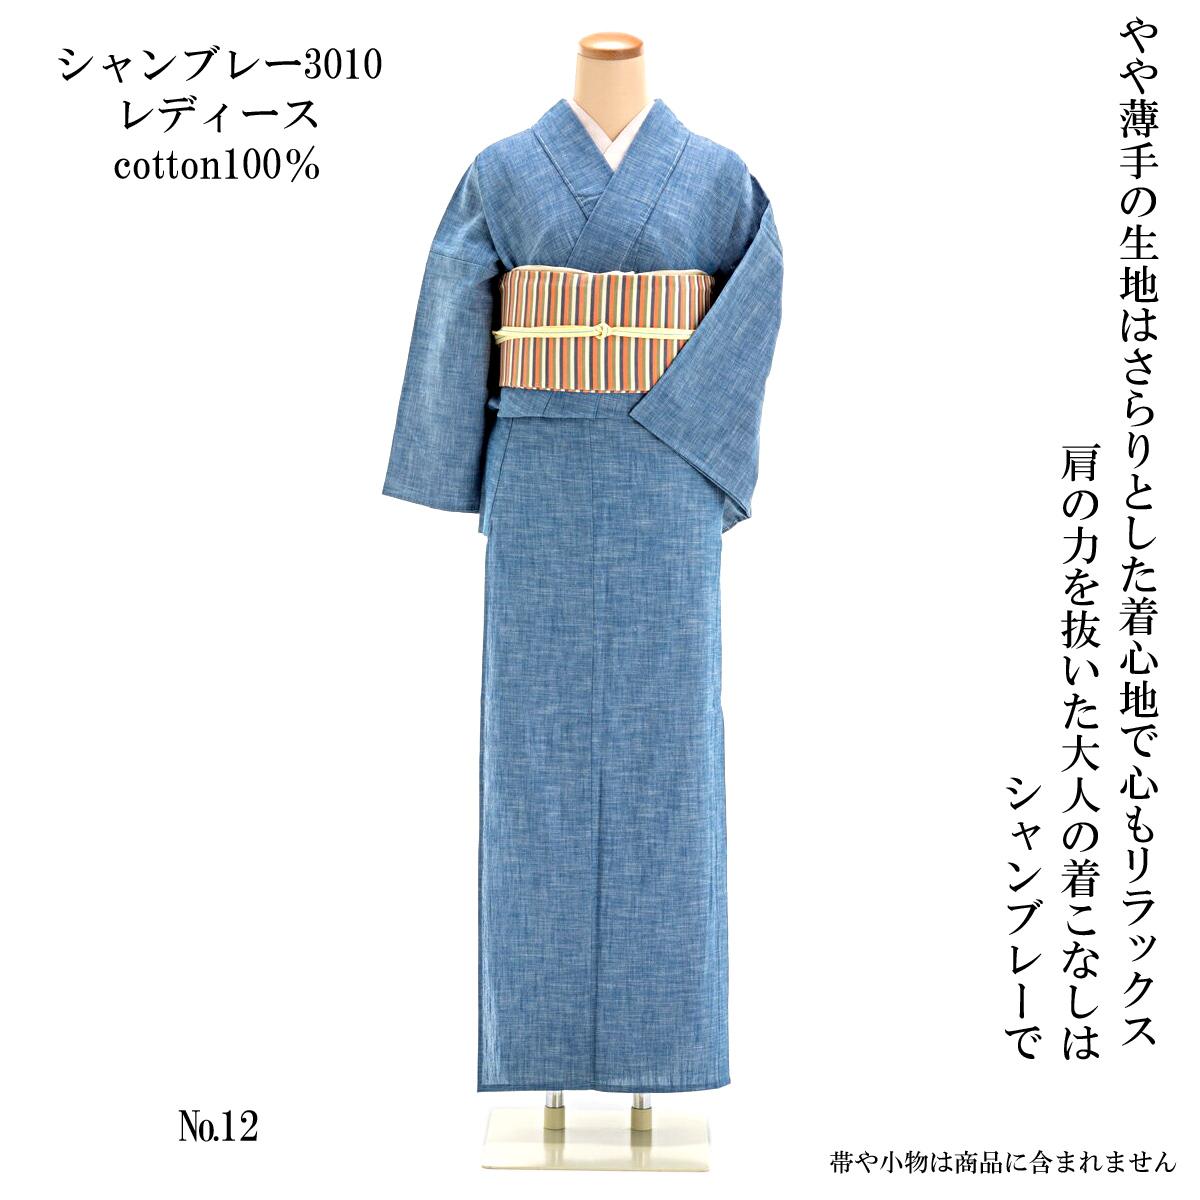 坂本デニム デニム着物 レディース シャンブレー No.12 ブルー 綿100%